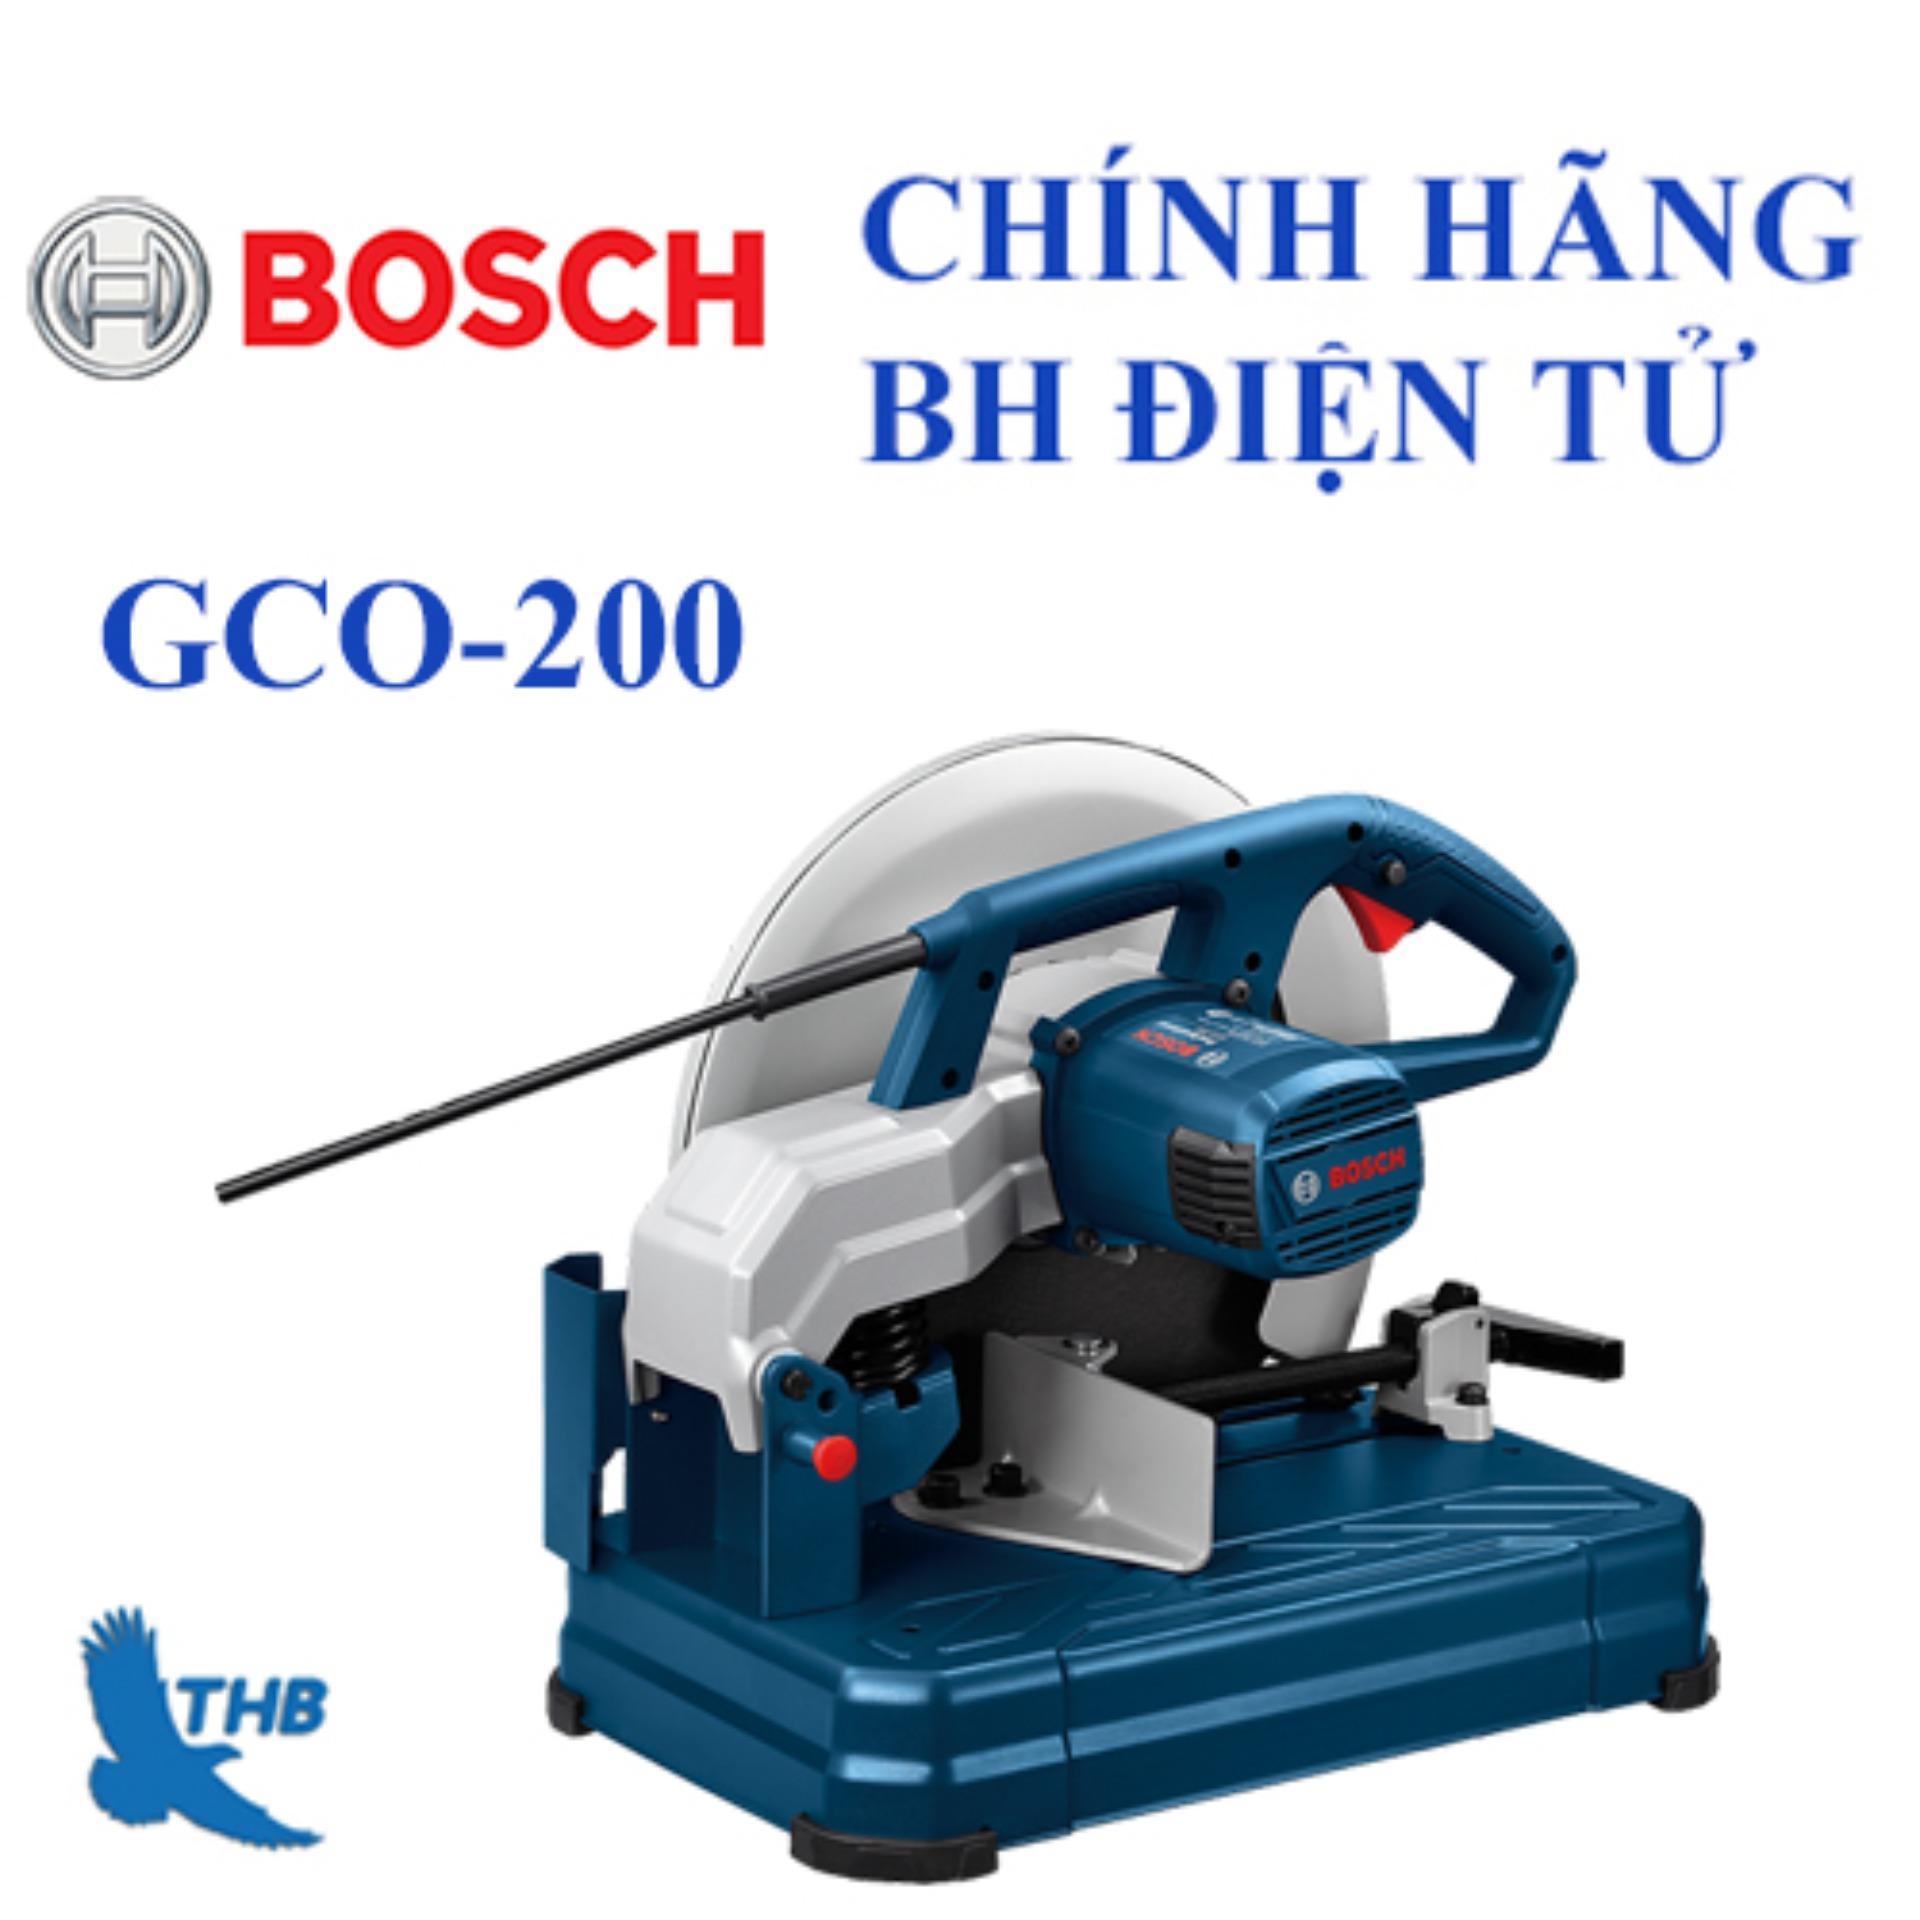 Máy cắt sắt GCO 200